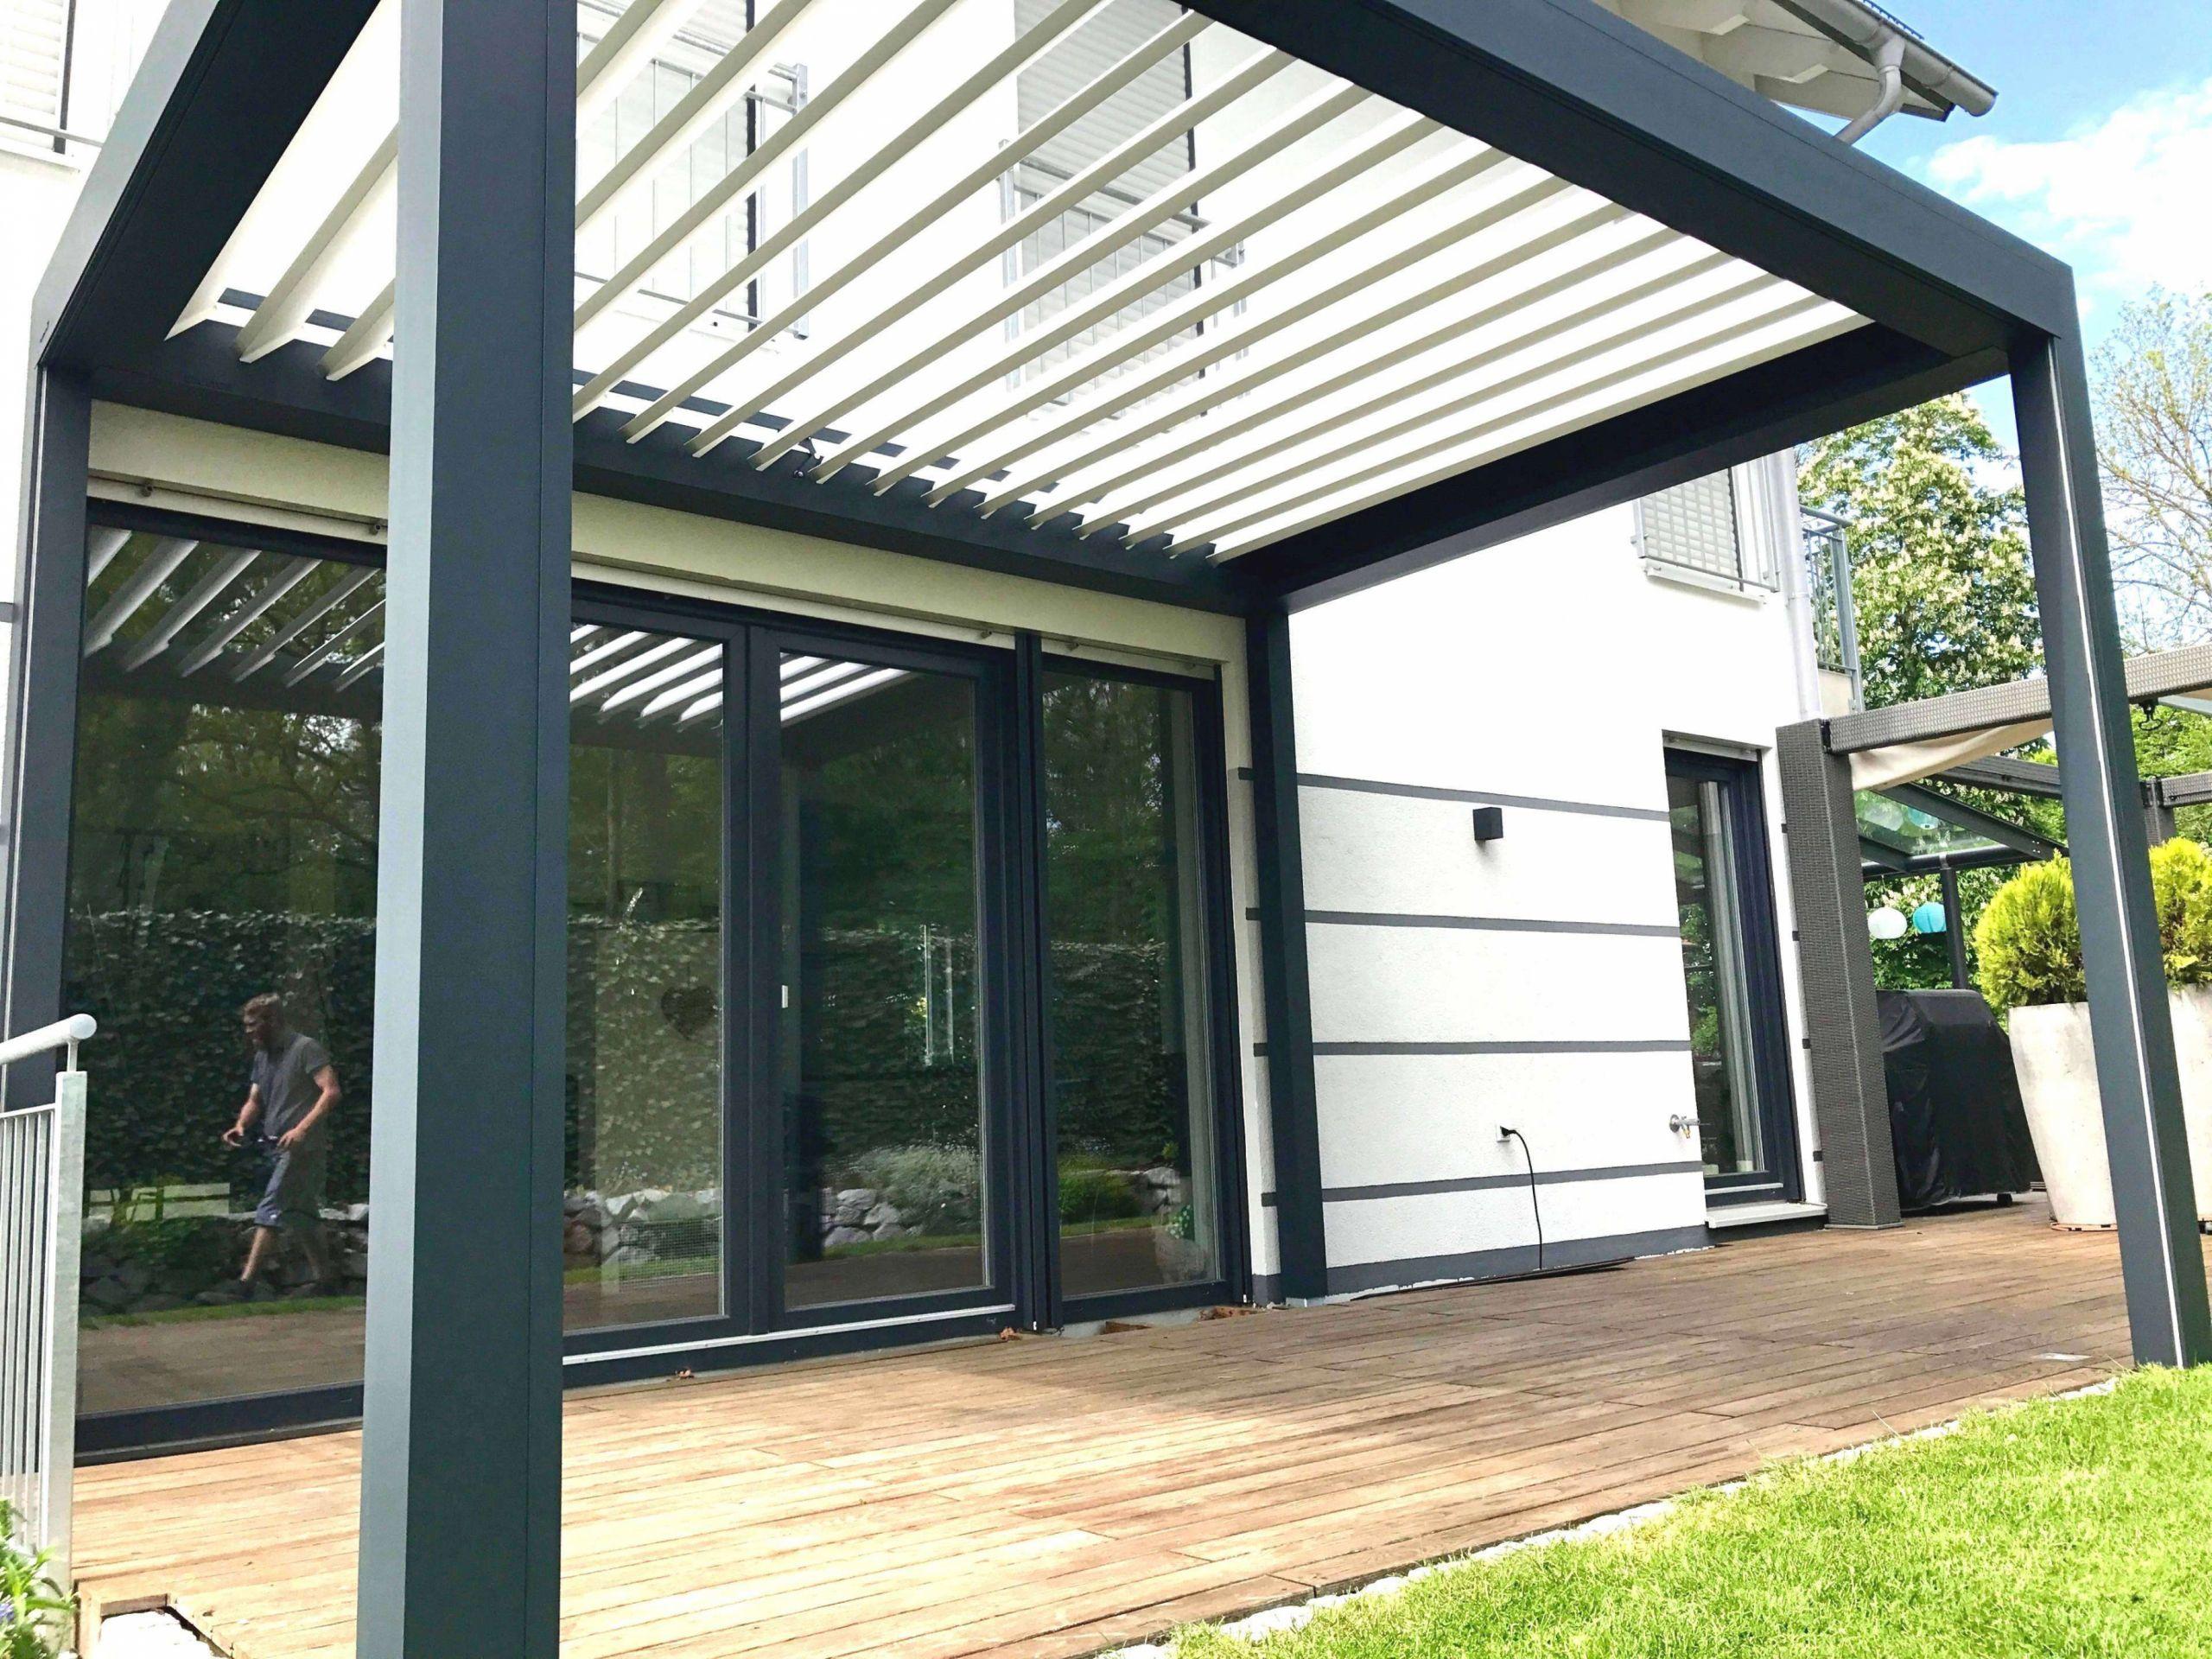 Balkon Gestalten Ideen Schön Gestaltung Kleiner Balkon — Temobardz Home Blog